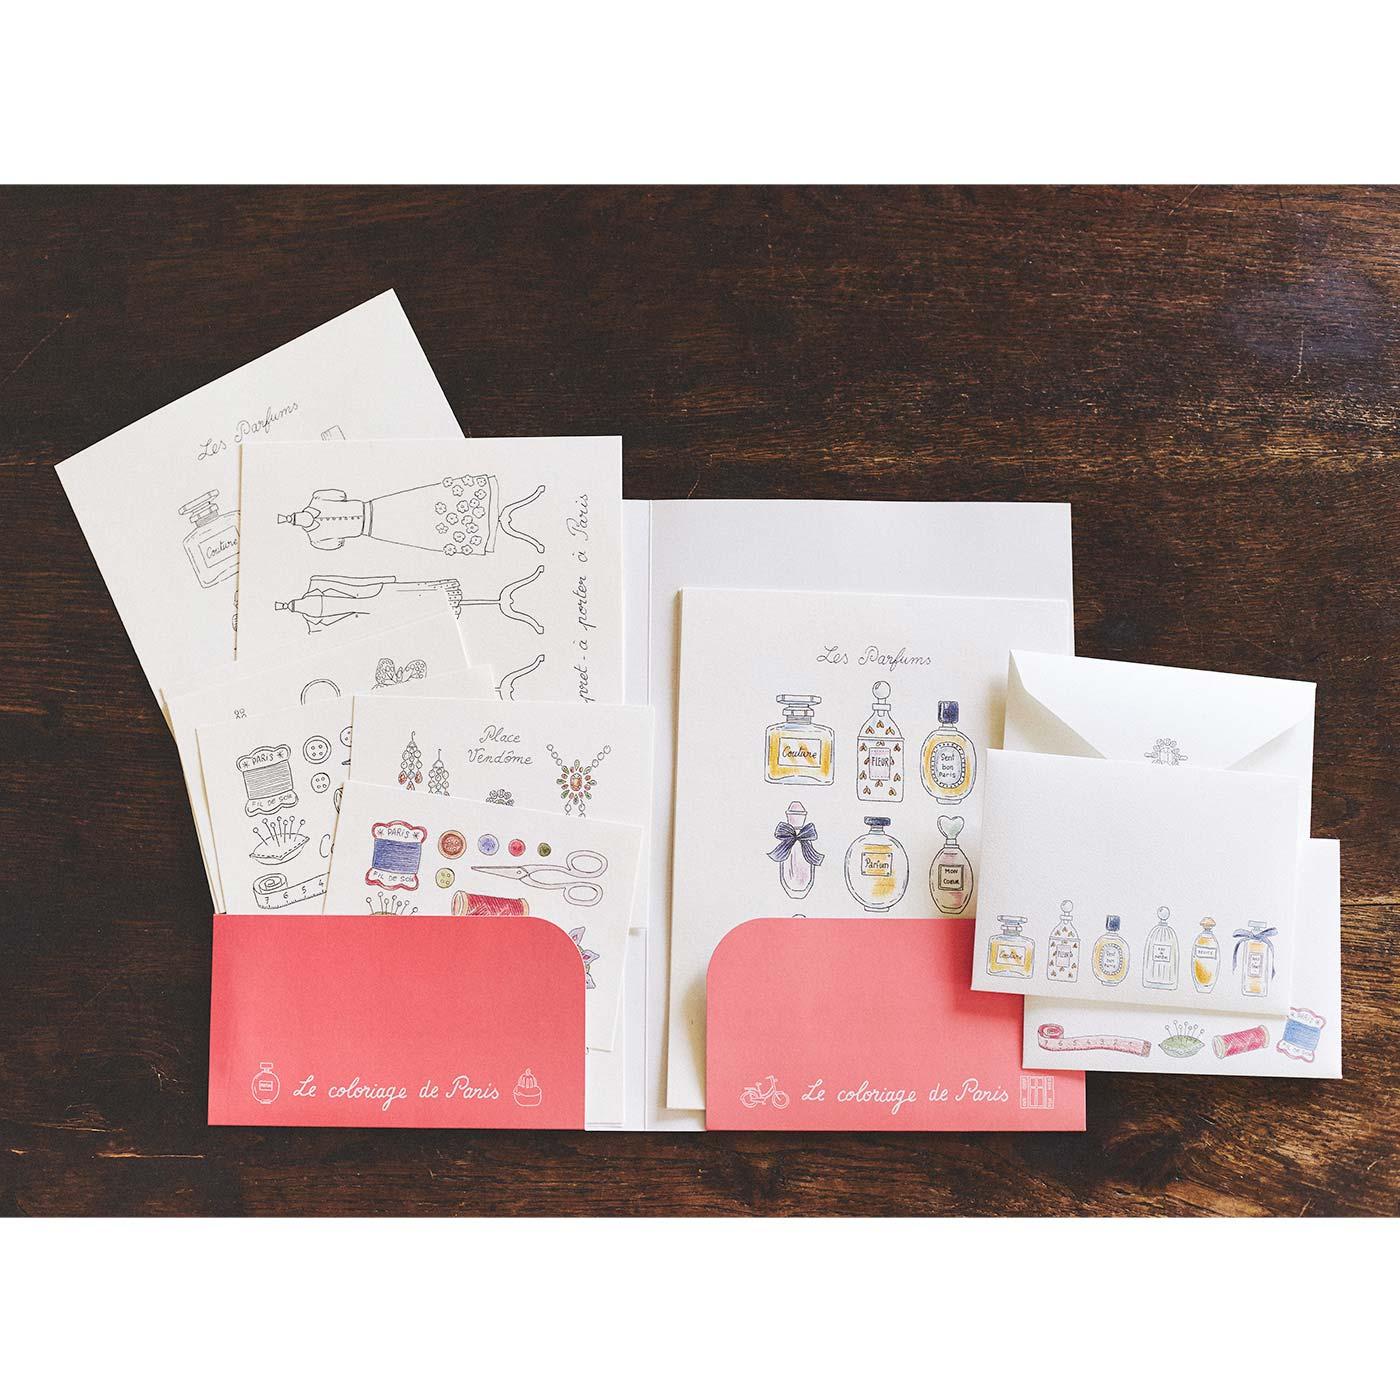 アンヌさんのお手本をセットして、毎回色の異なる紙ホルダーに入れてお届けします。